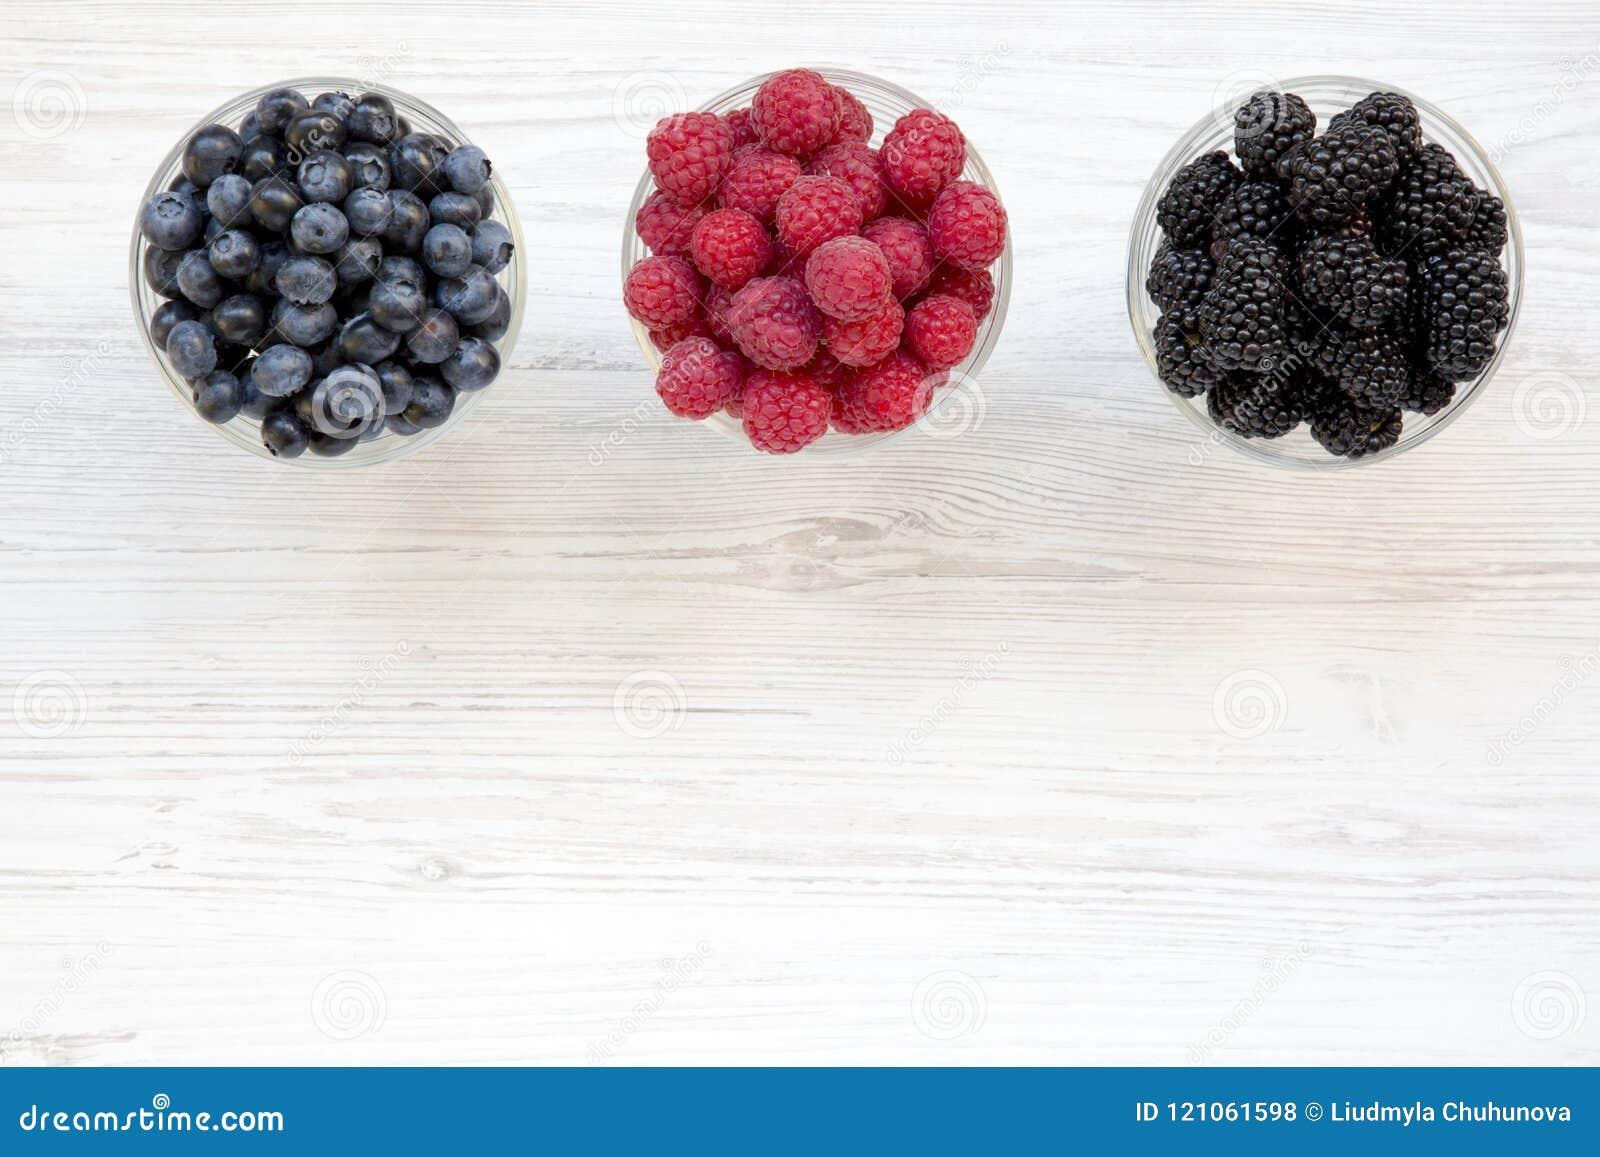 Draufsicht, Schüsseln, die Beeren enthalten: Blaubeeren, Brombeeren, Himbeeren Gesundes Essen und Nähren Von oben obenliegend